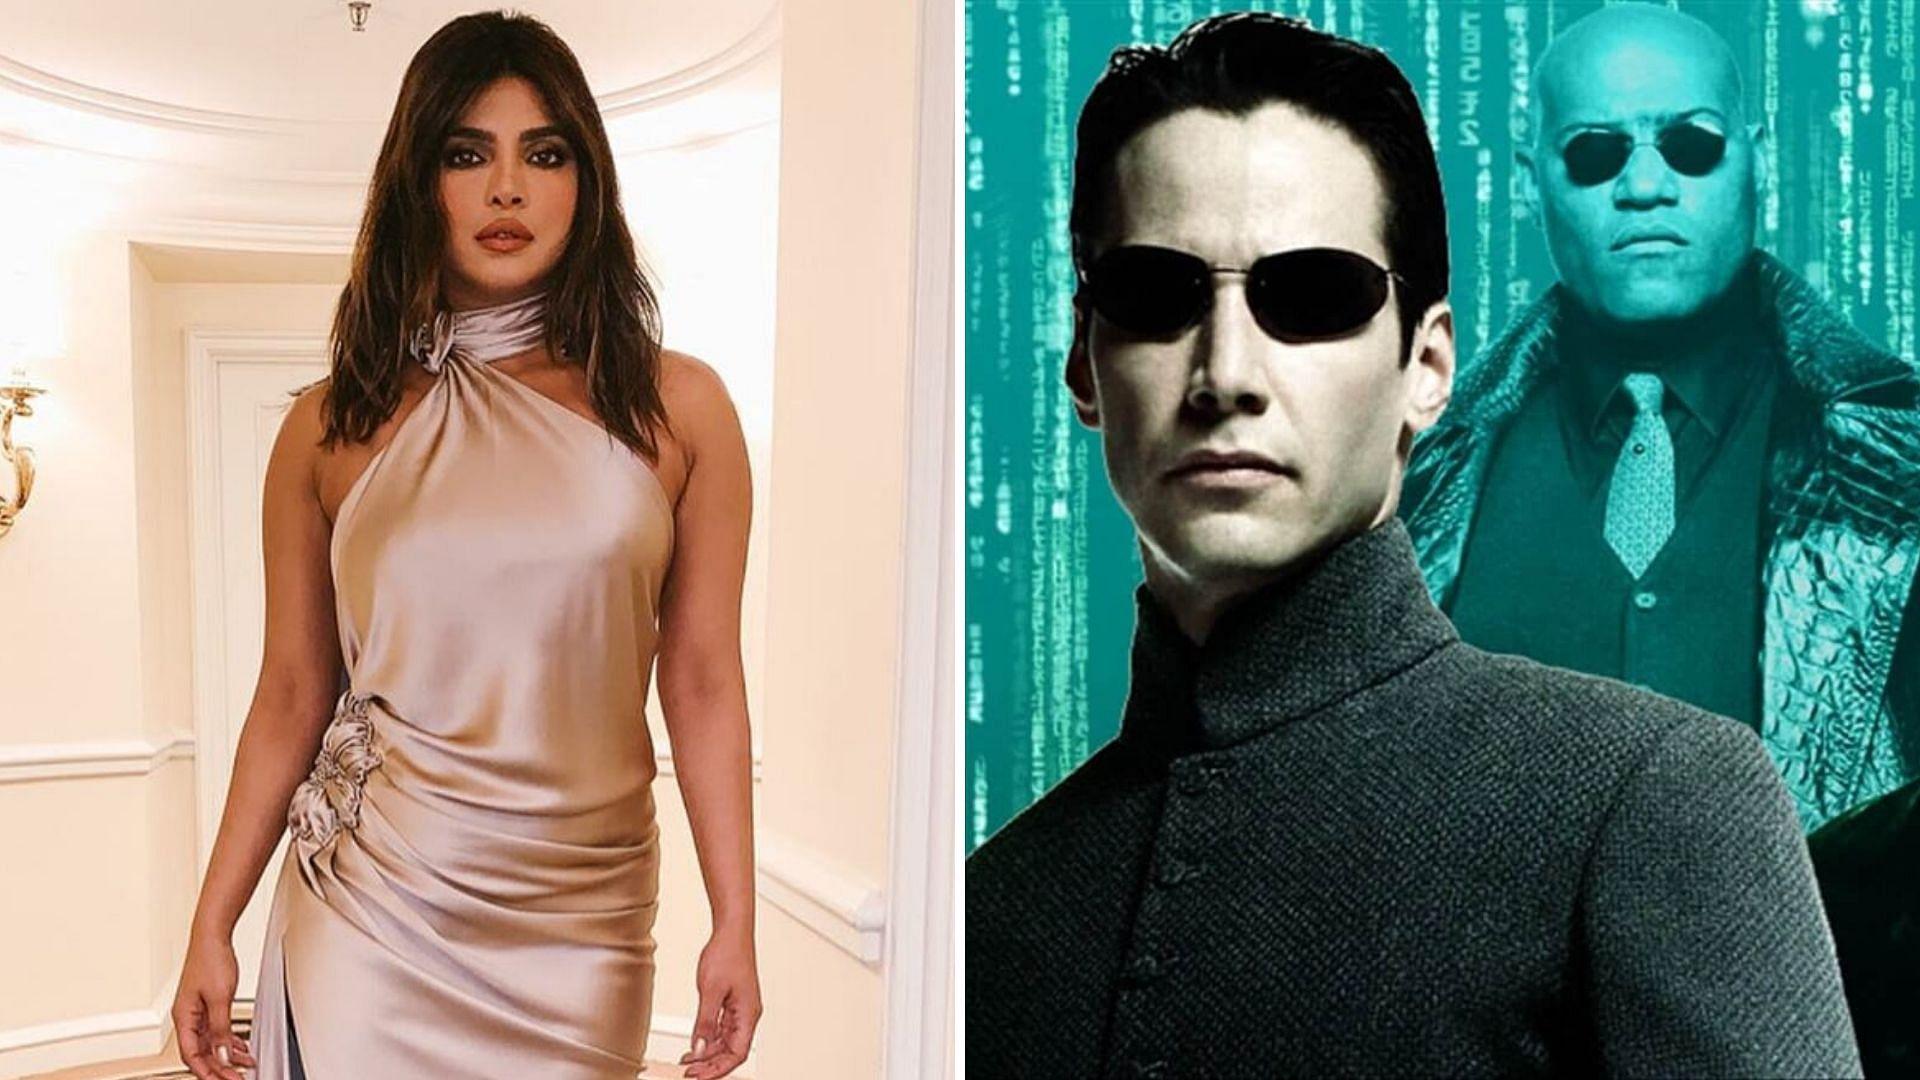 Priyanka Chopra to Join Wachowskis' Universe With 'Matrix 4'?